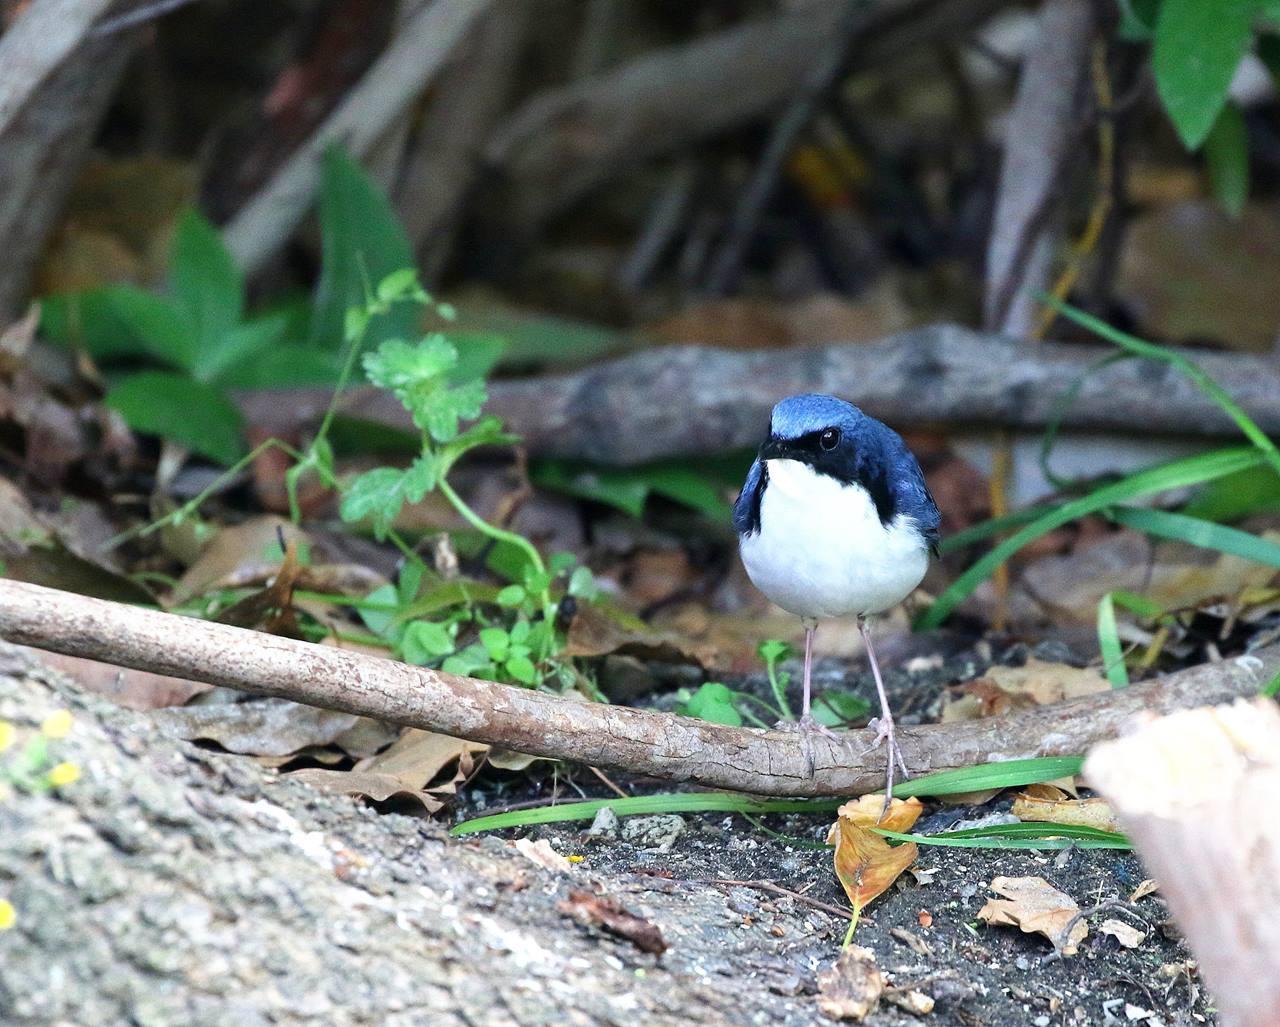 綺麗なコルリ♂成鳥がやってきた・・・_c0213607_13084485.jpg